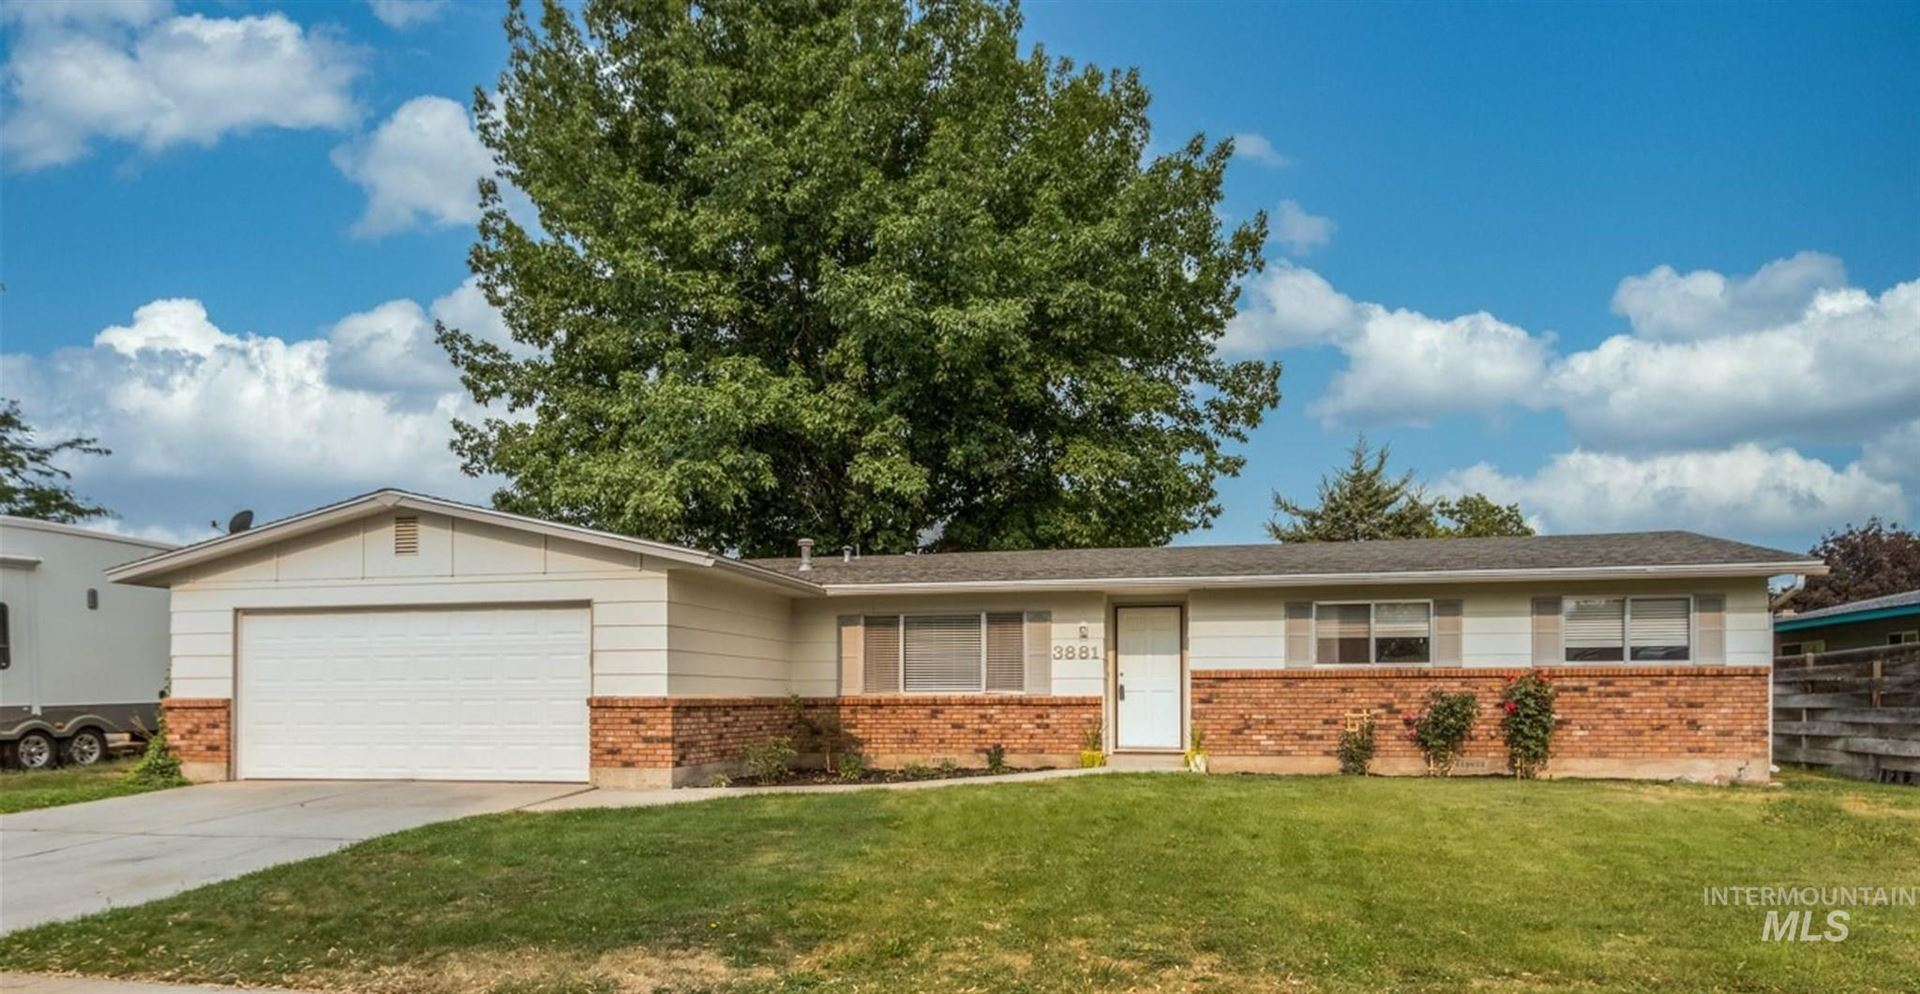 3881 Payson, Boise, ID 83704 - MLS#: 98812362